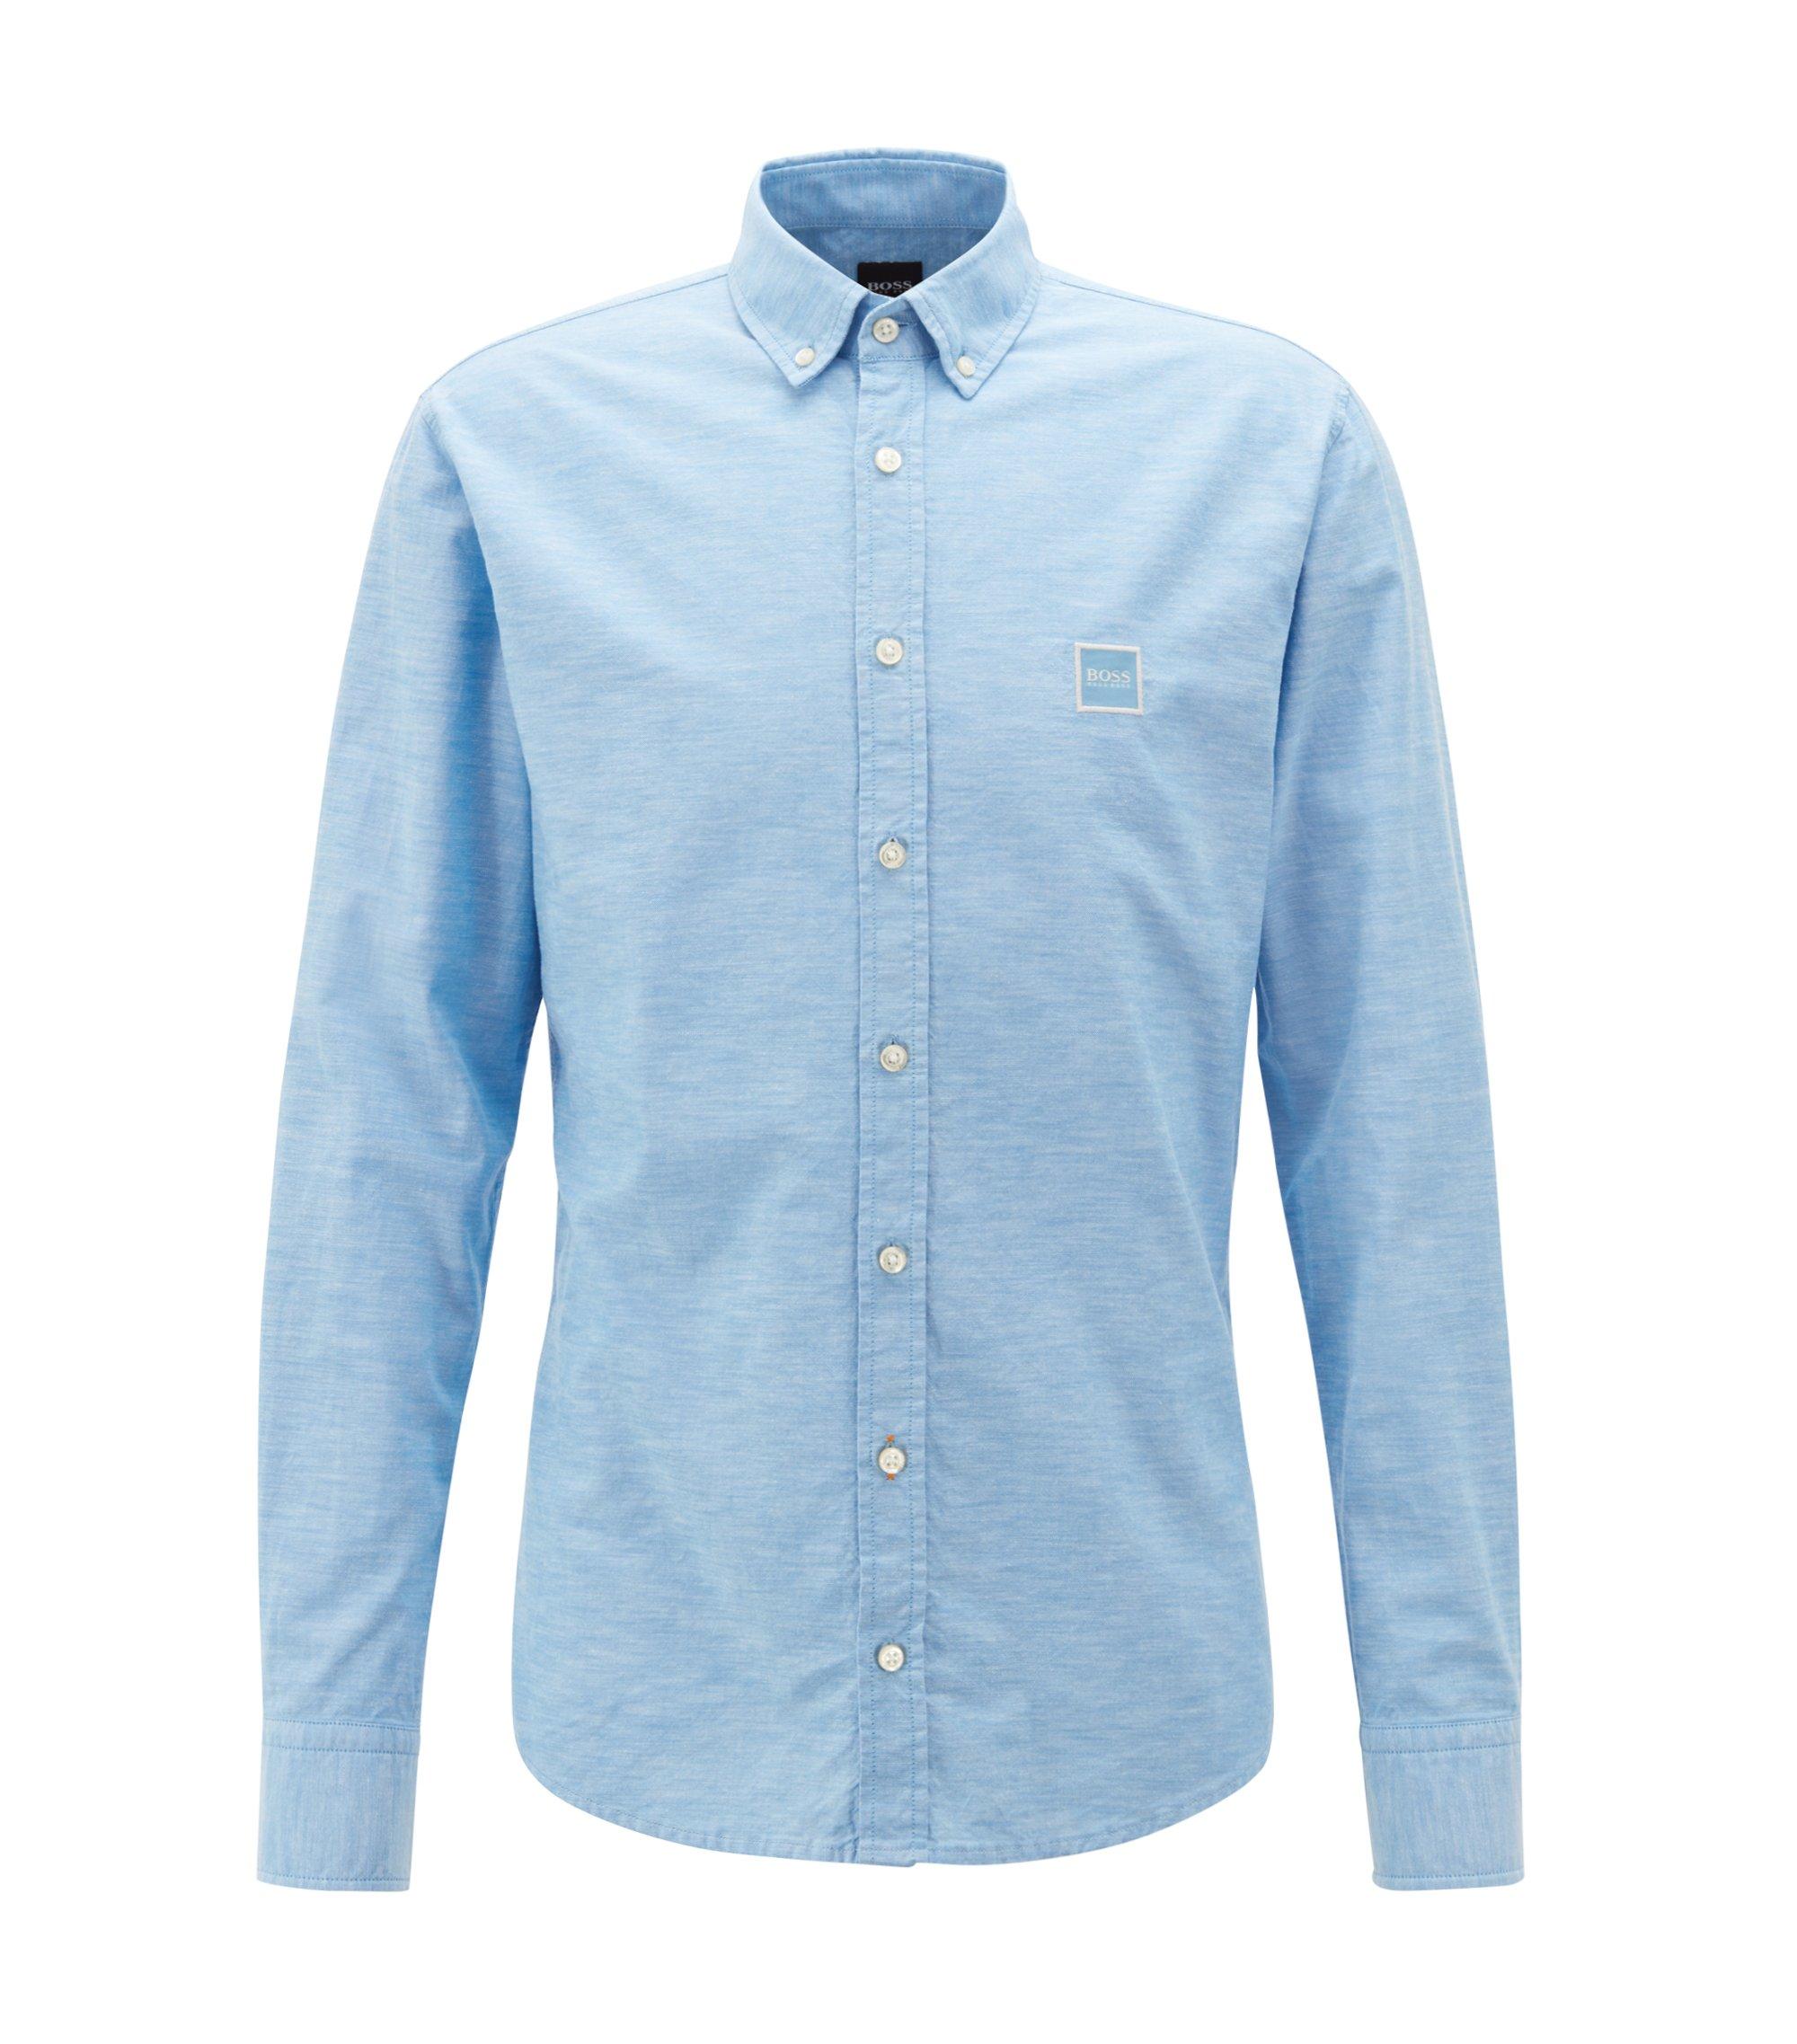 Camicia slim fit con colletto button-down in cotone manopesca, Celeste